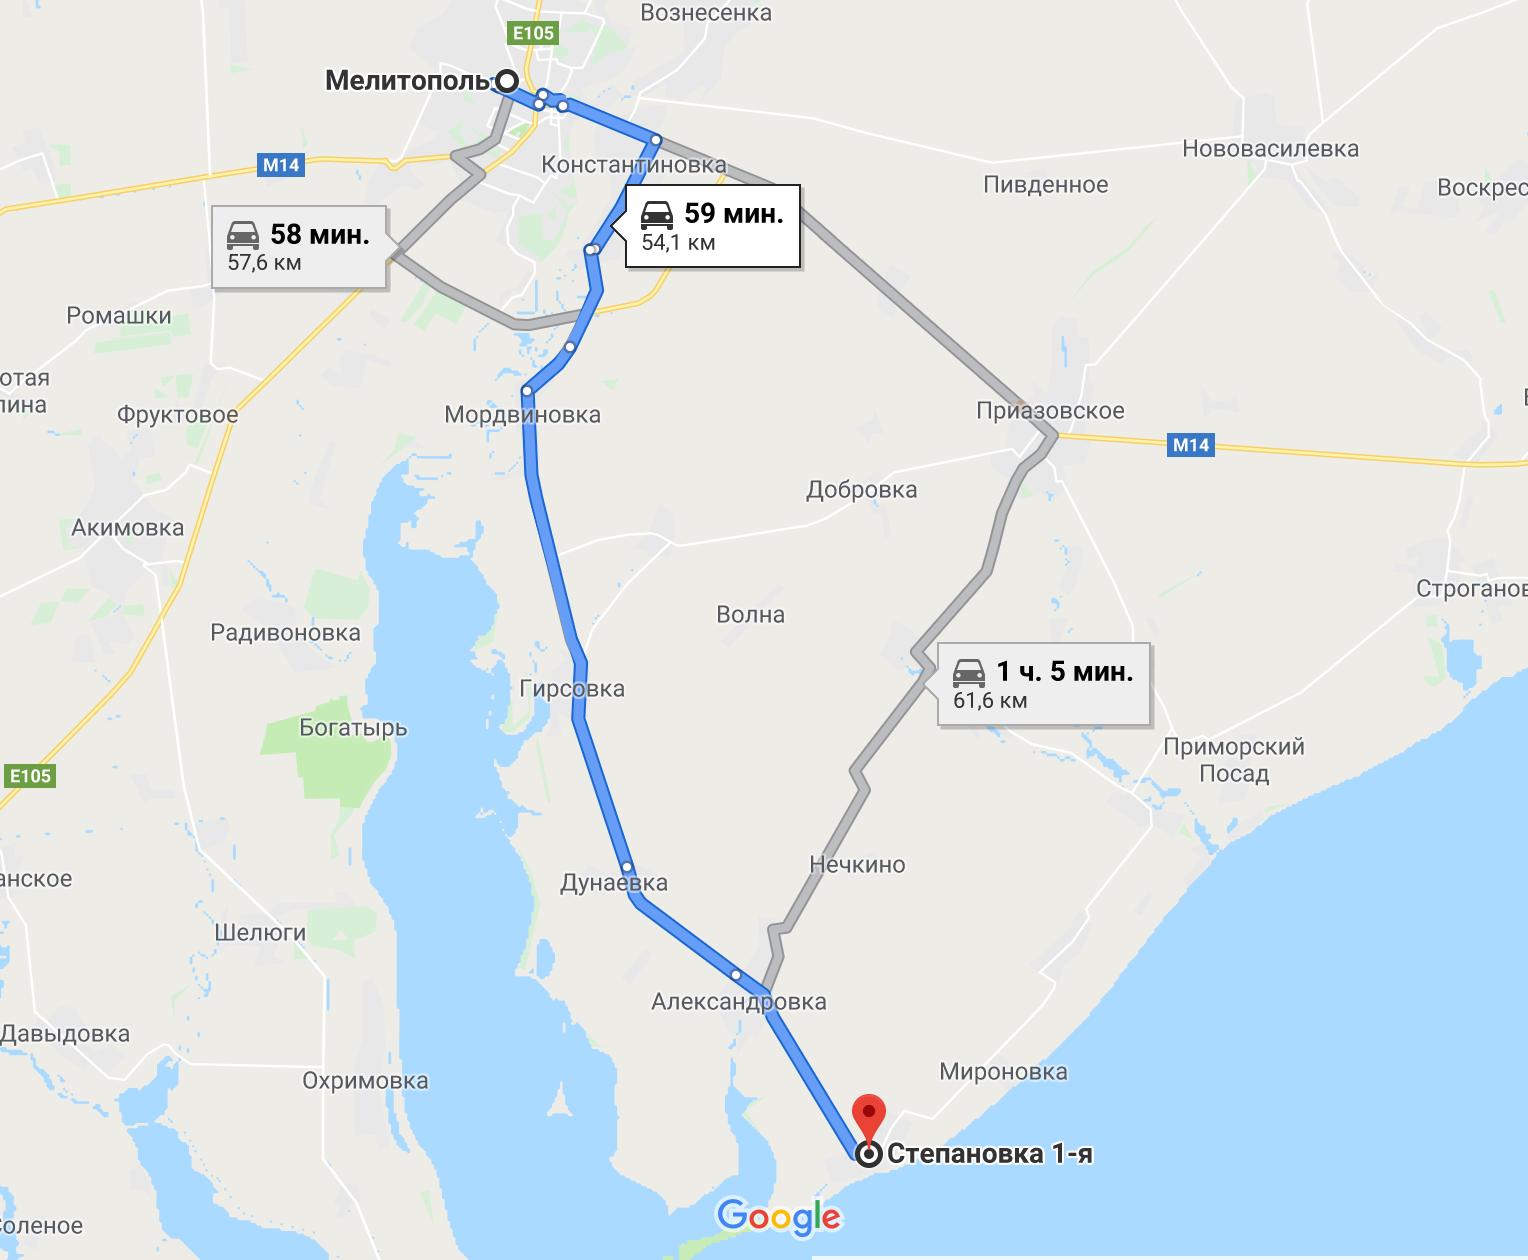 Как добраться до Степановки Первой на авто из Мелитополя